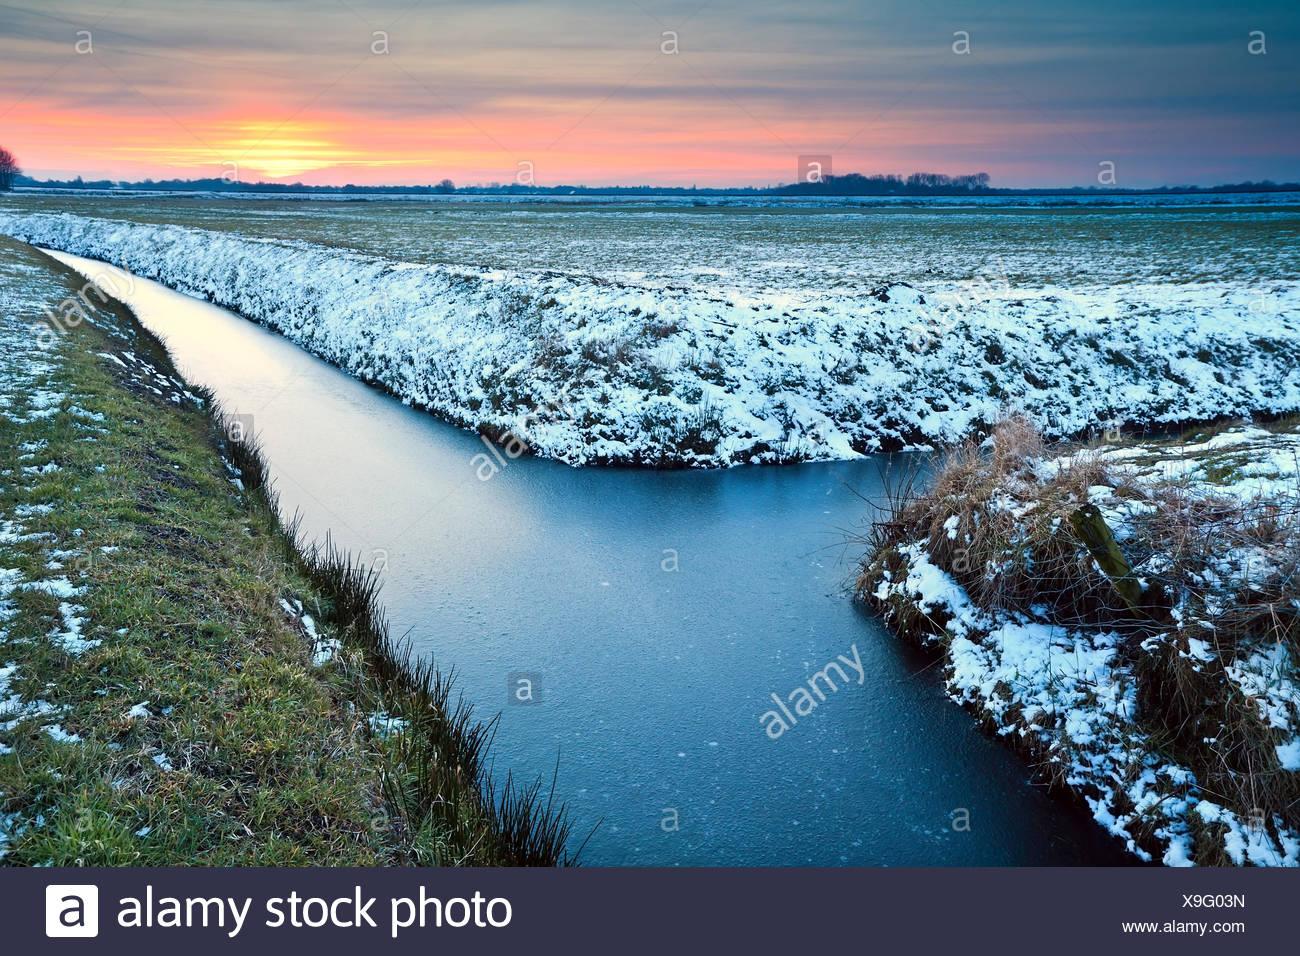 Atardecer en praderas de invierno Imagen De Stock